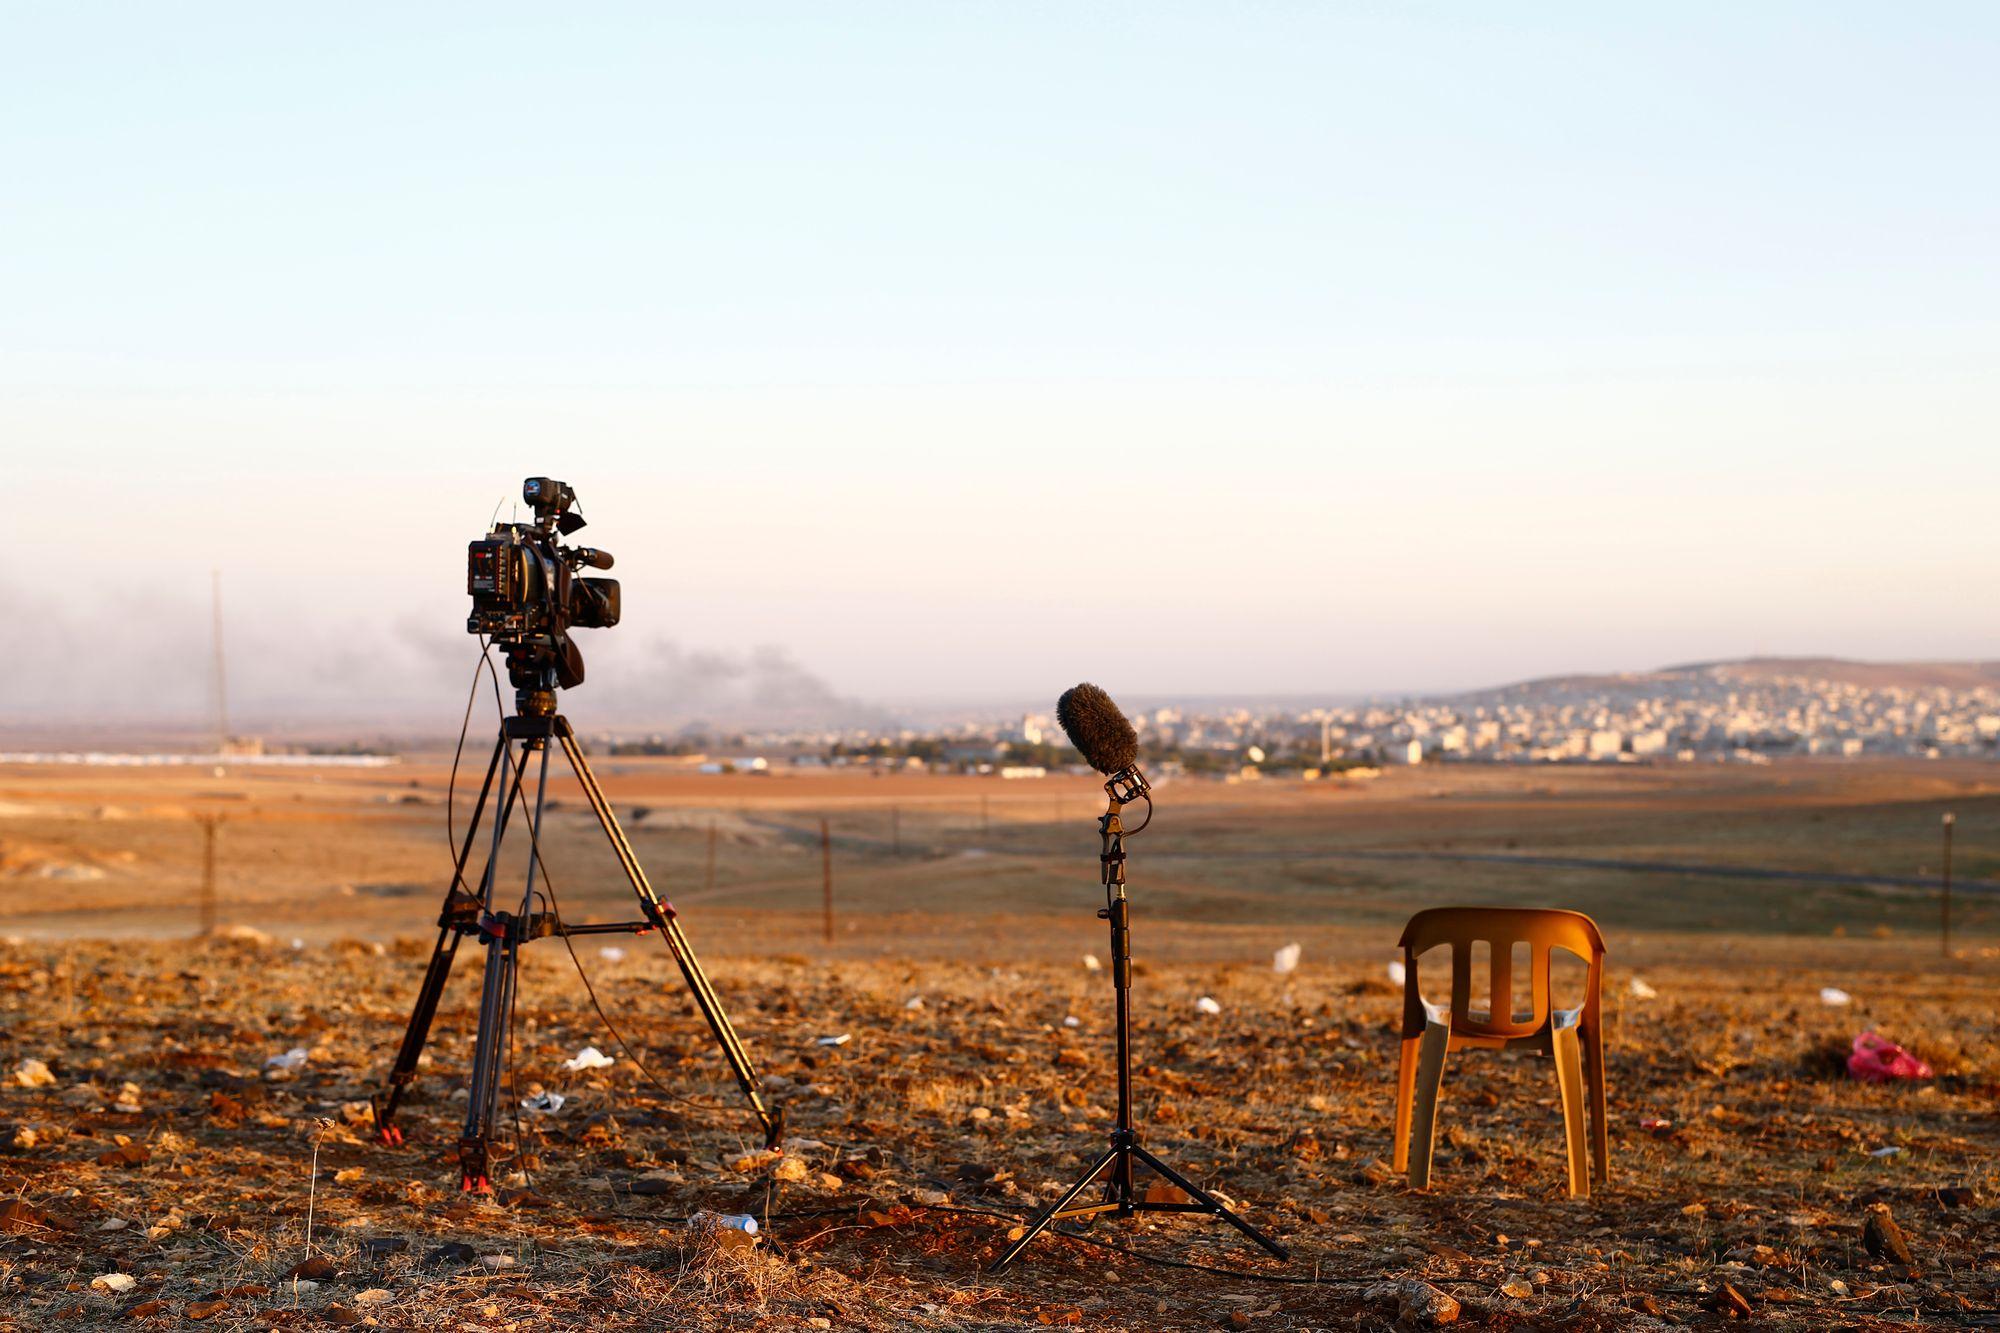 trois journalistes espagnols lib r s apr s 10 mois de captivit en syrie monde. Black Bedroom Furniture Sets. Home Design Ideas